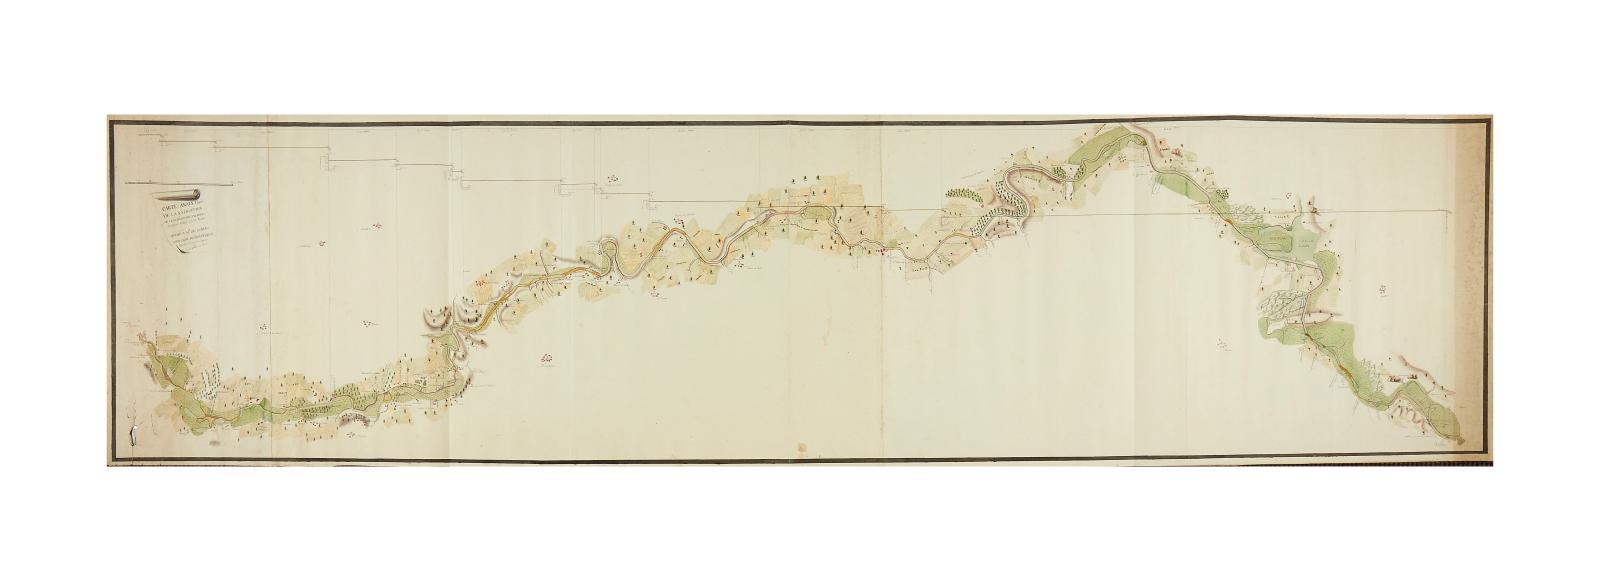 Aimé Philogène de Coniac. Carte analytique de la navigation de la rivière de Vilaine, 1er juillet, an 1800, panorama manuscrit sur papier